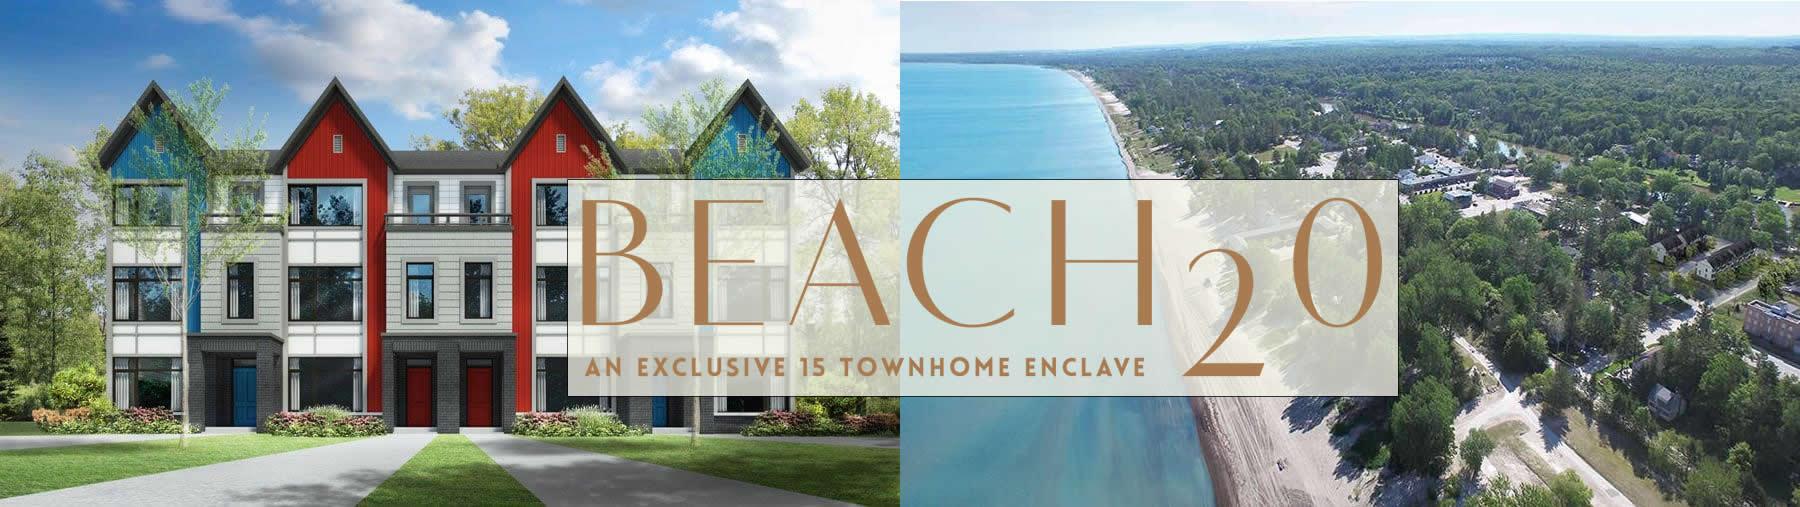 beach20-beach-banner